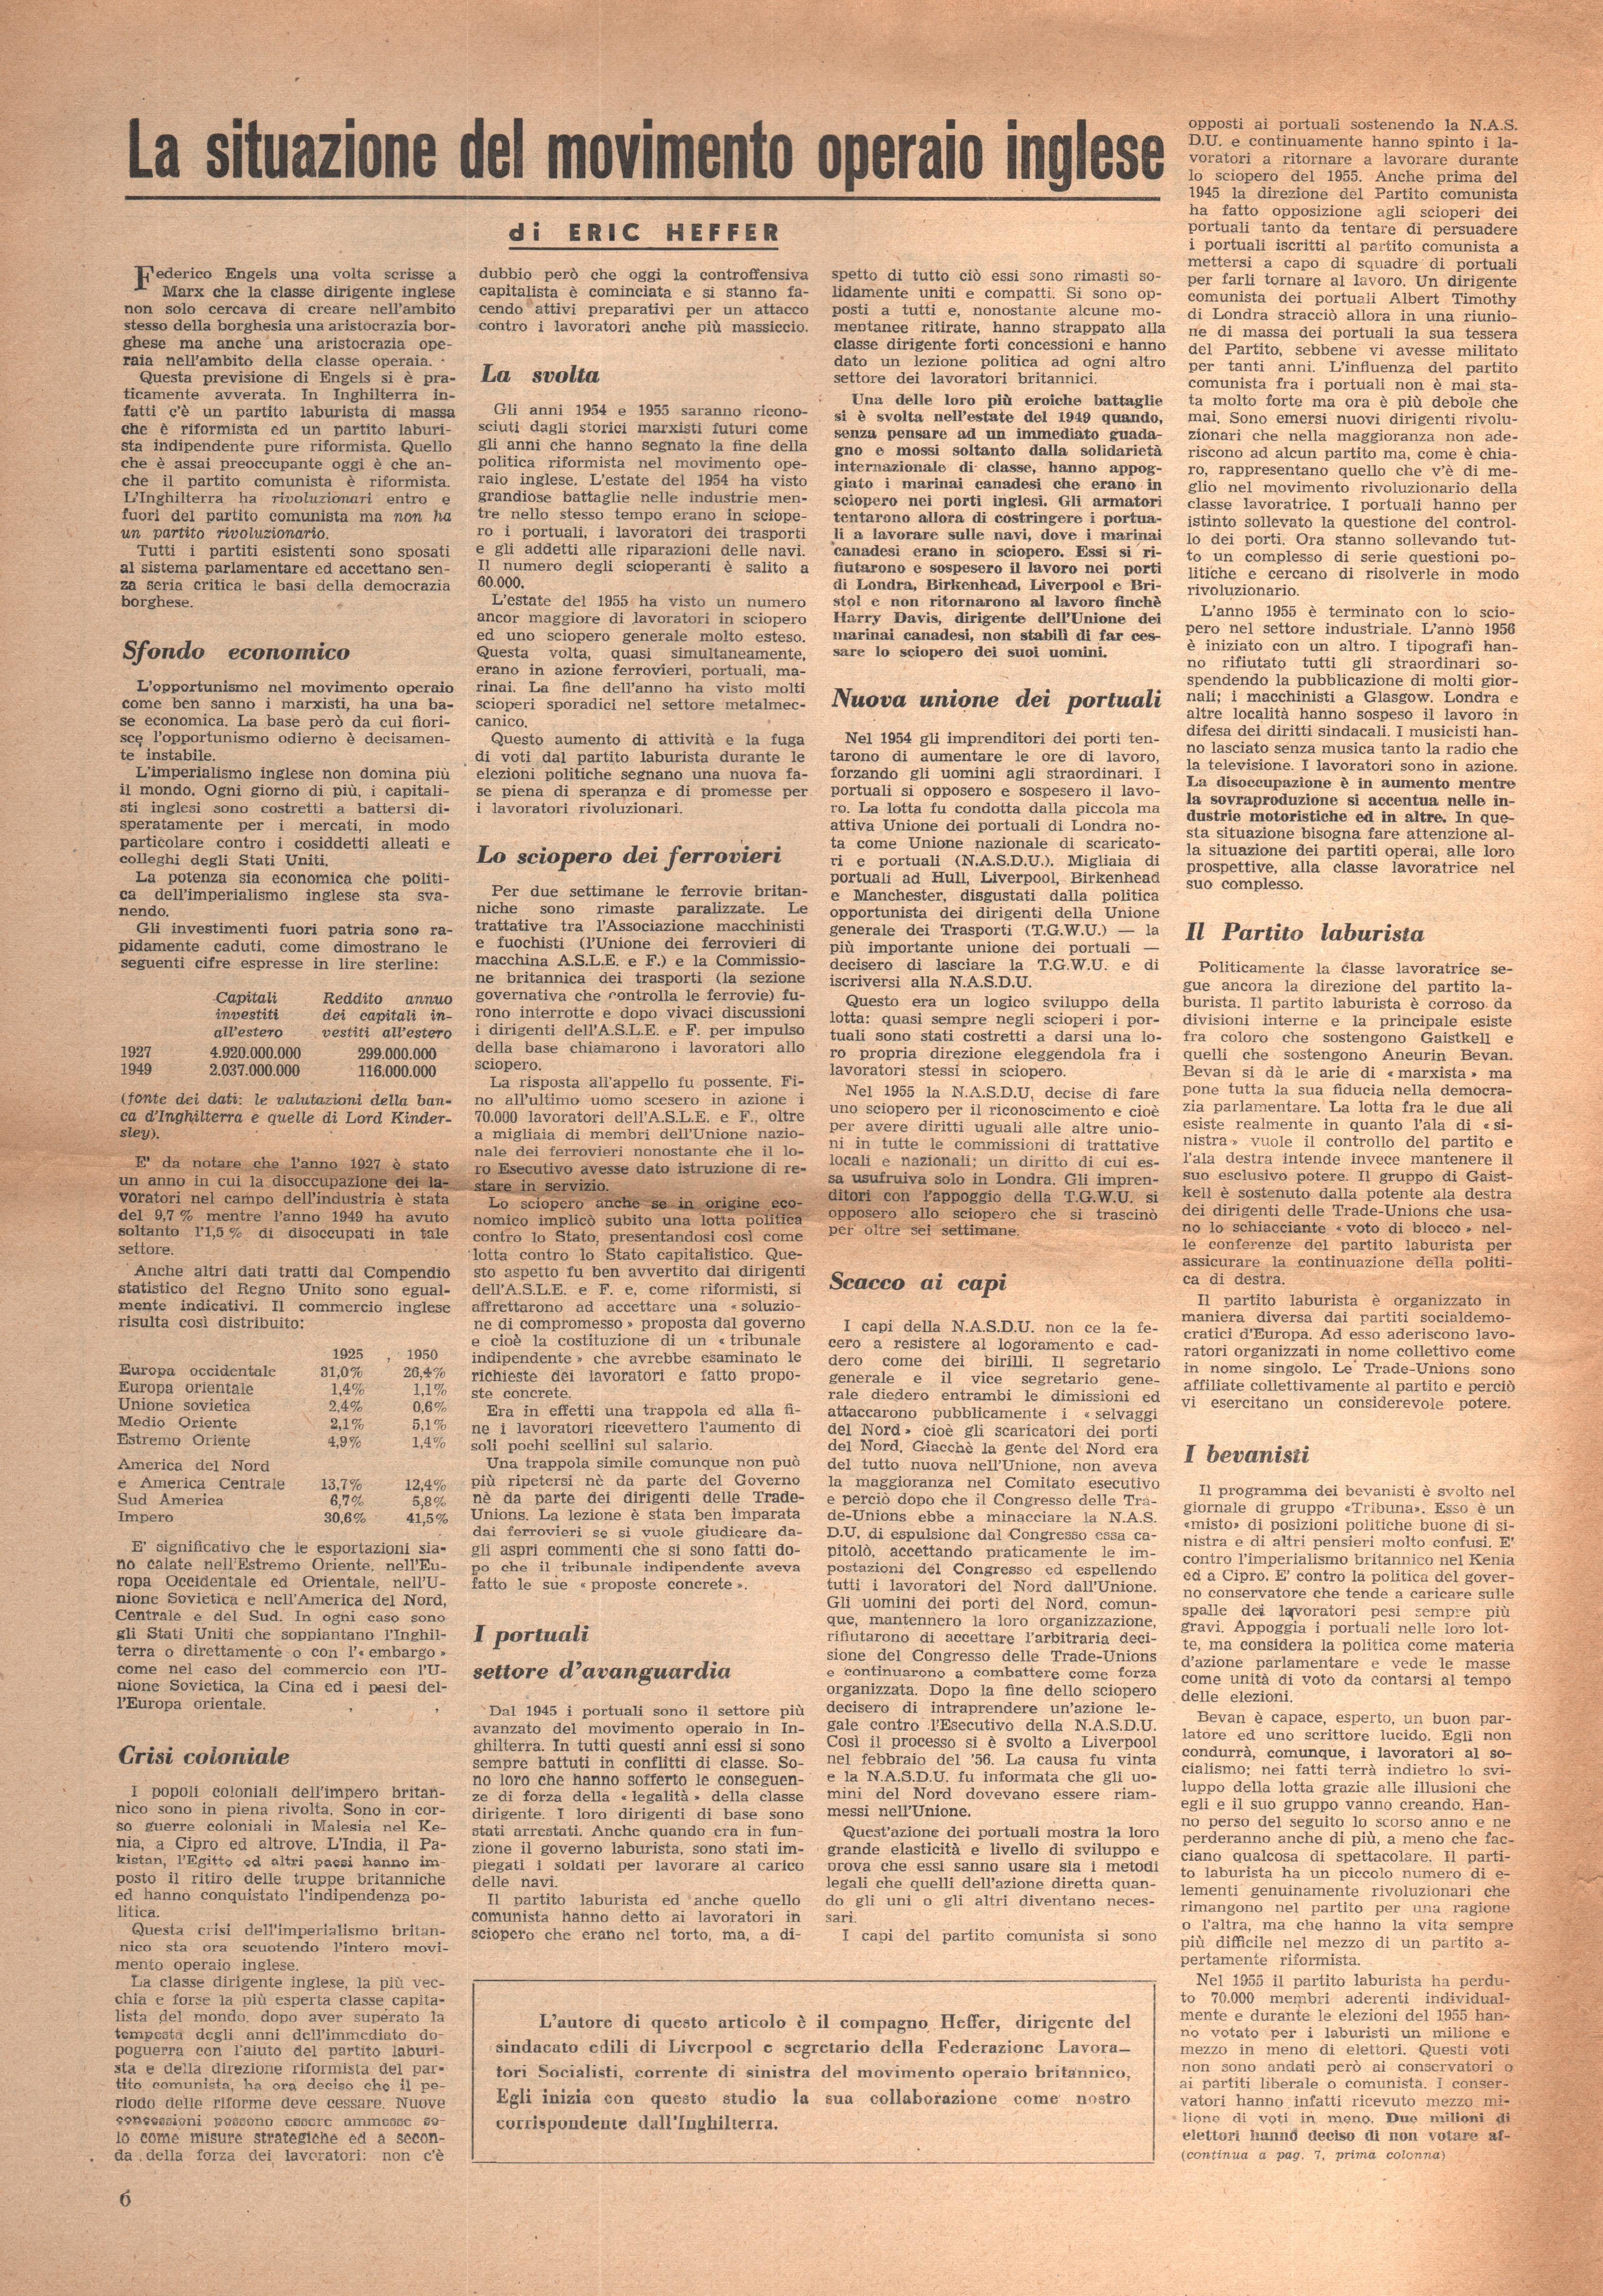 L'Azione Comunista n. 3 - pag. 6